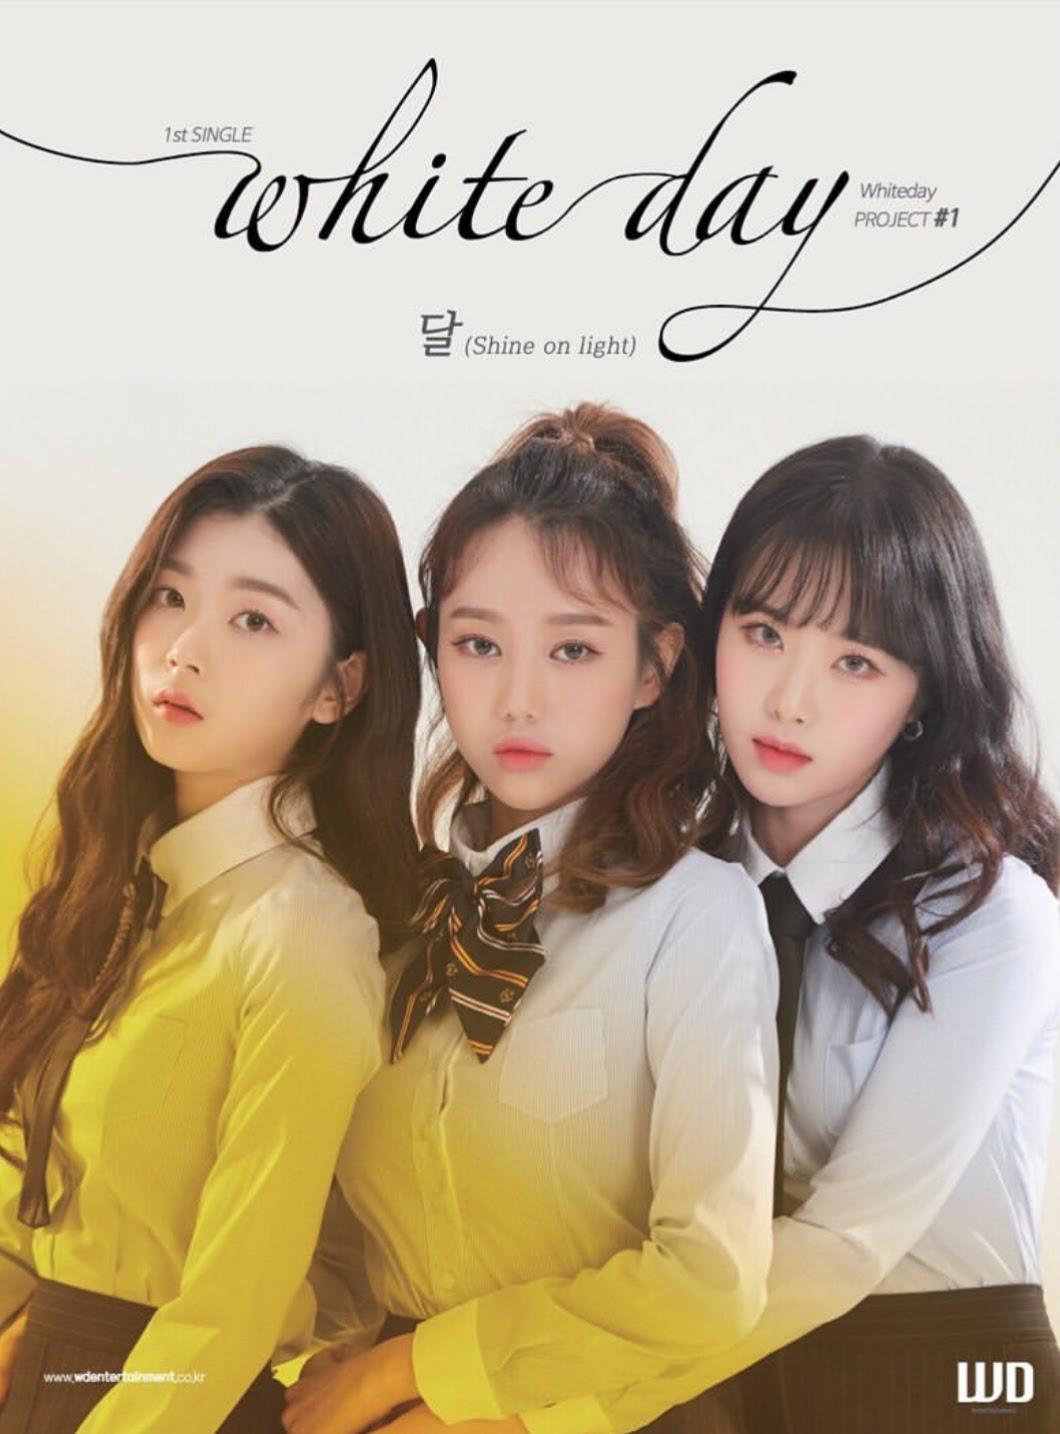 whiteday